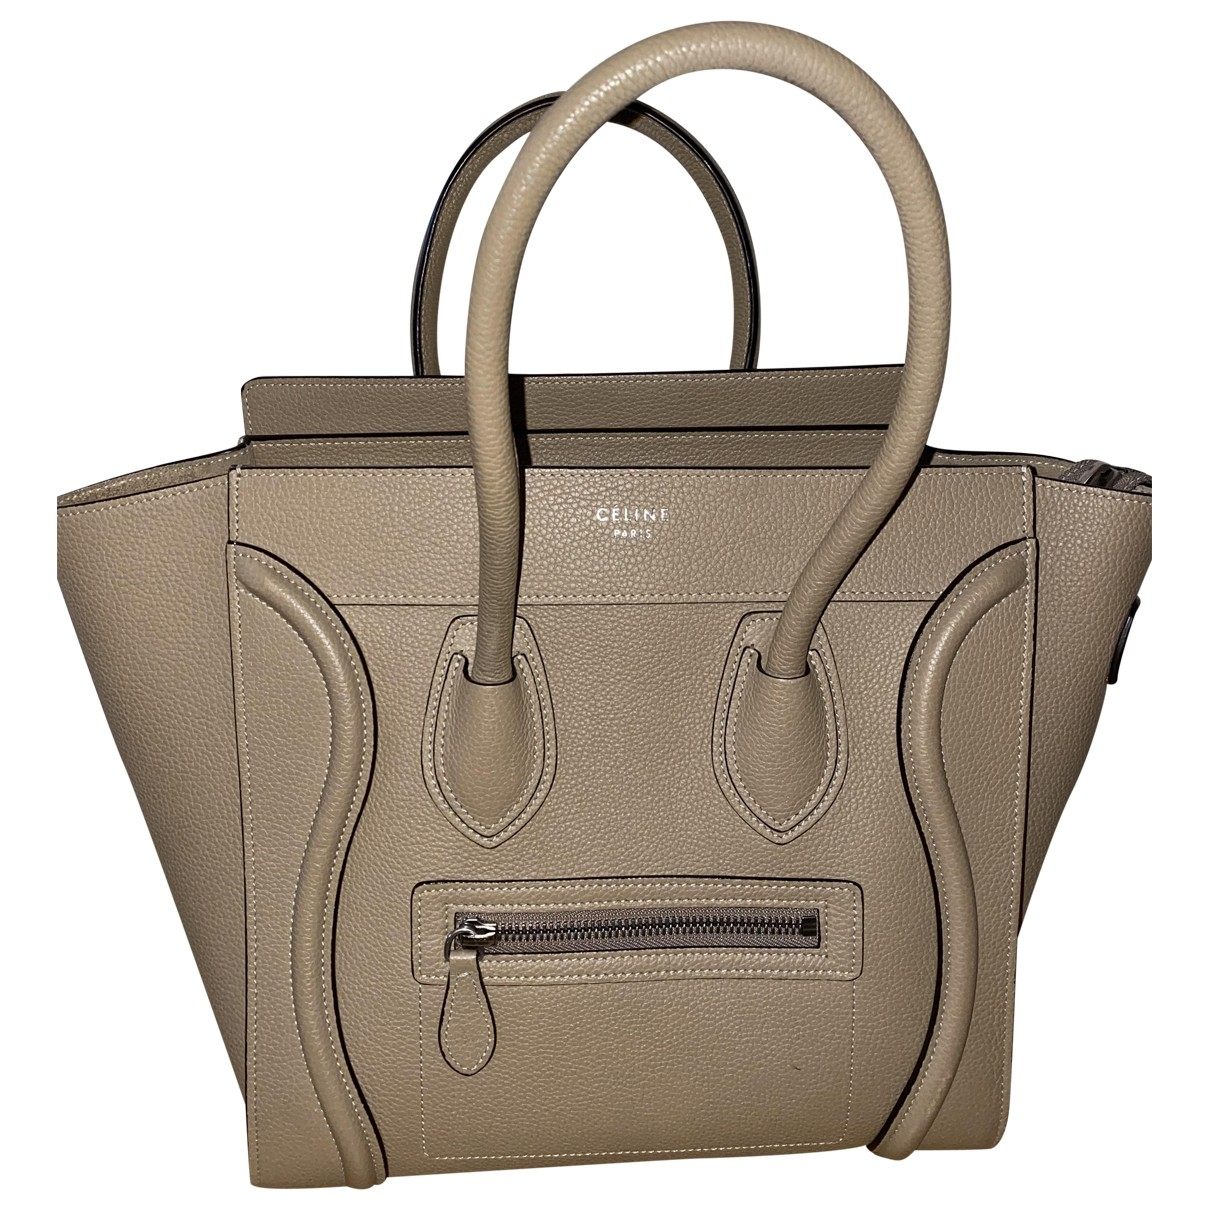 Bolso  Luggage de Cuero Celine